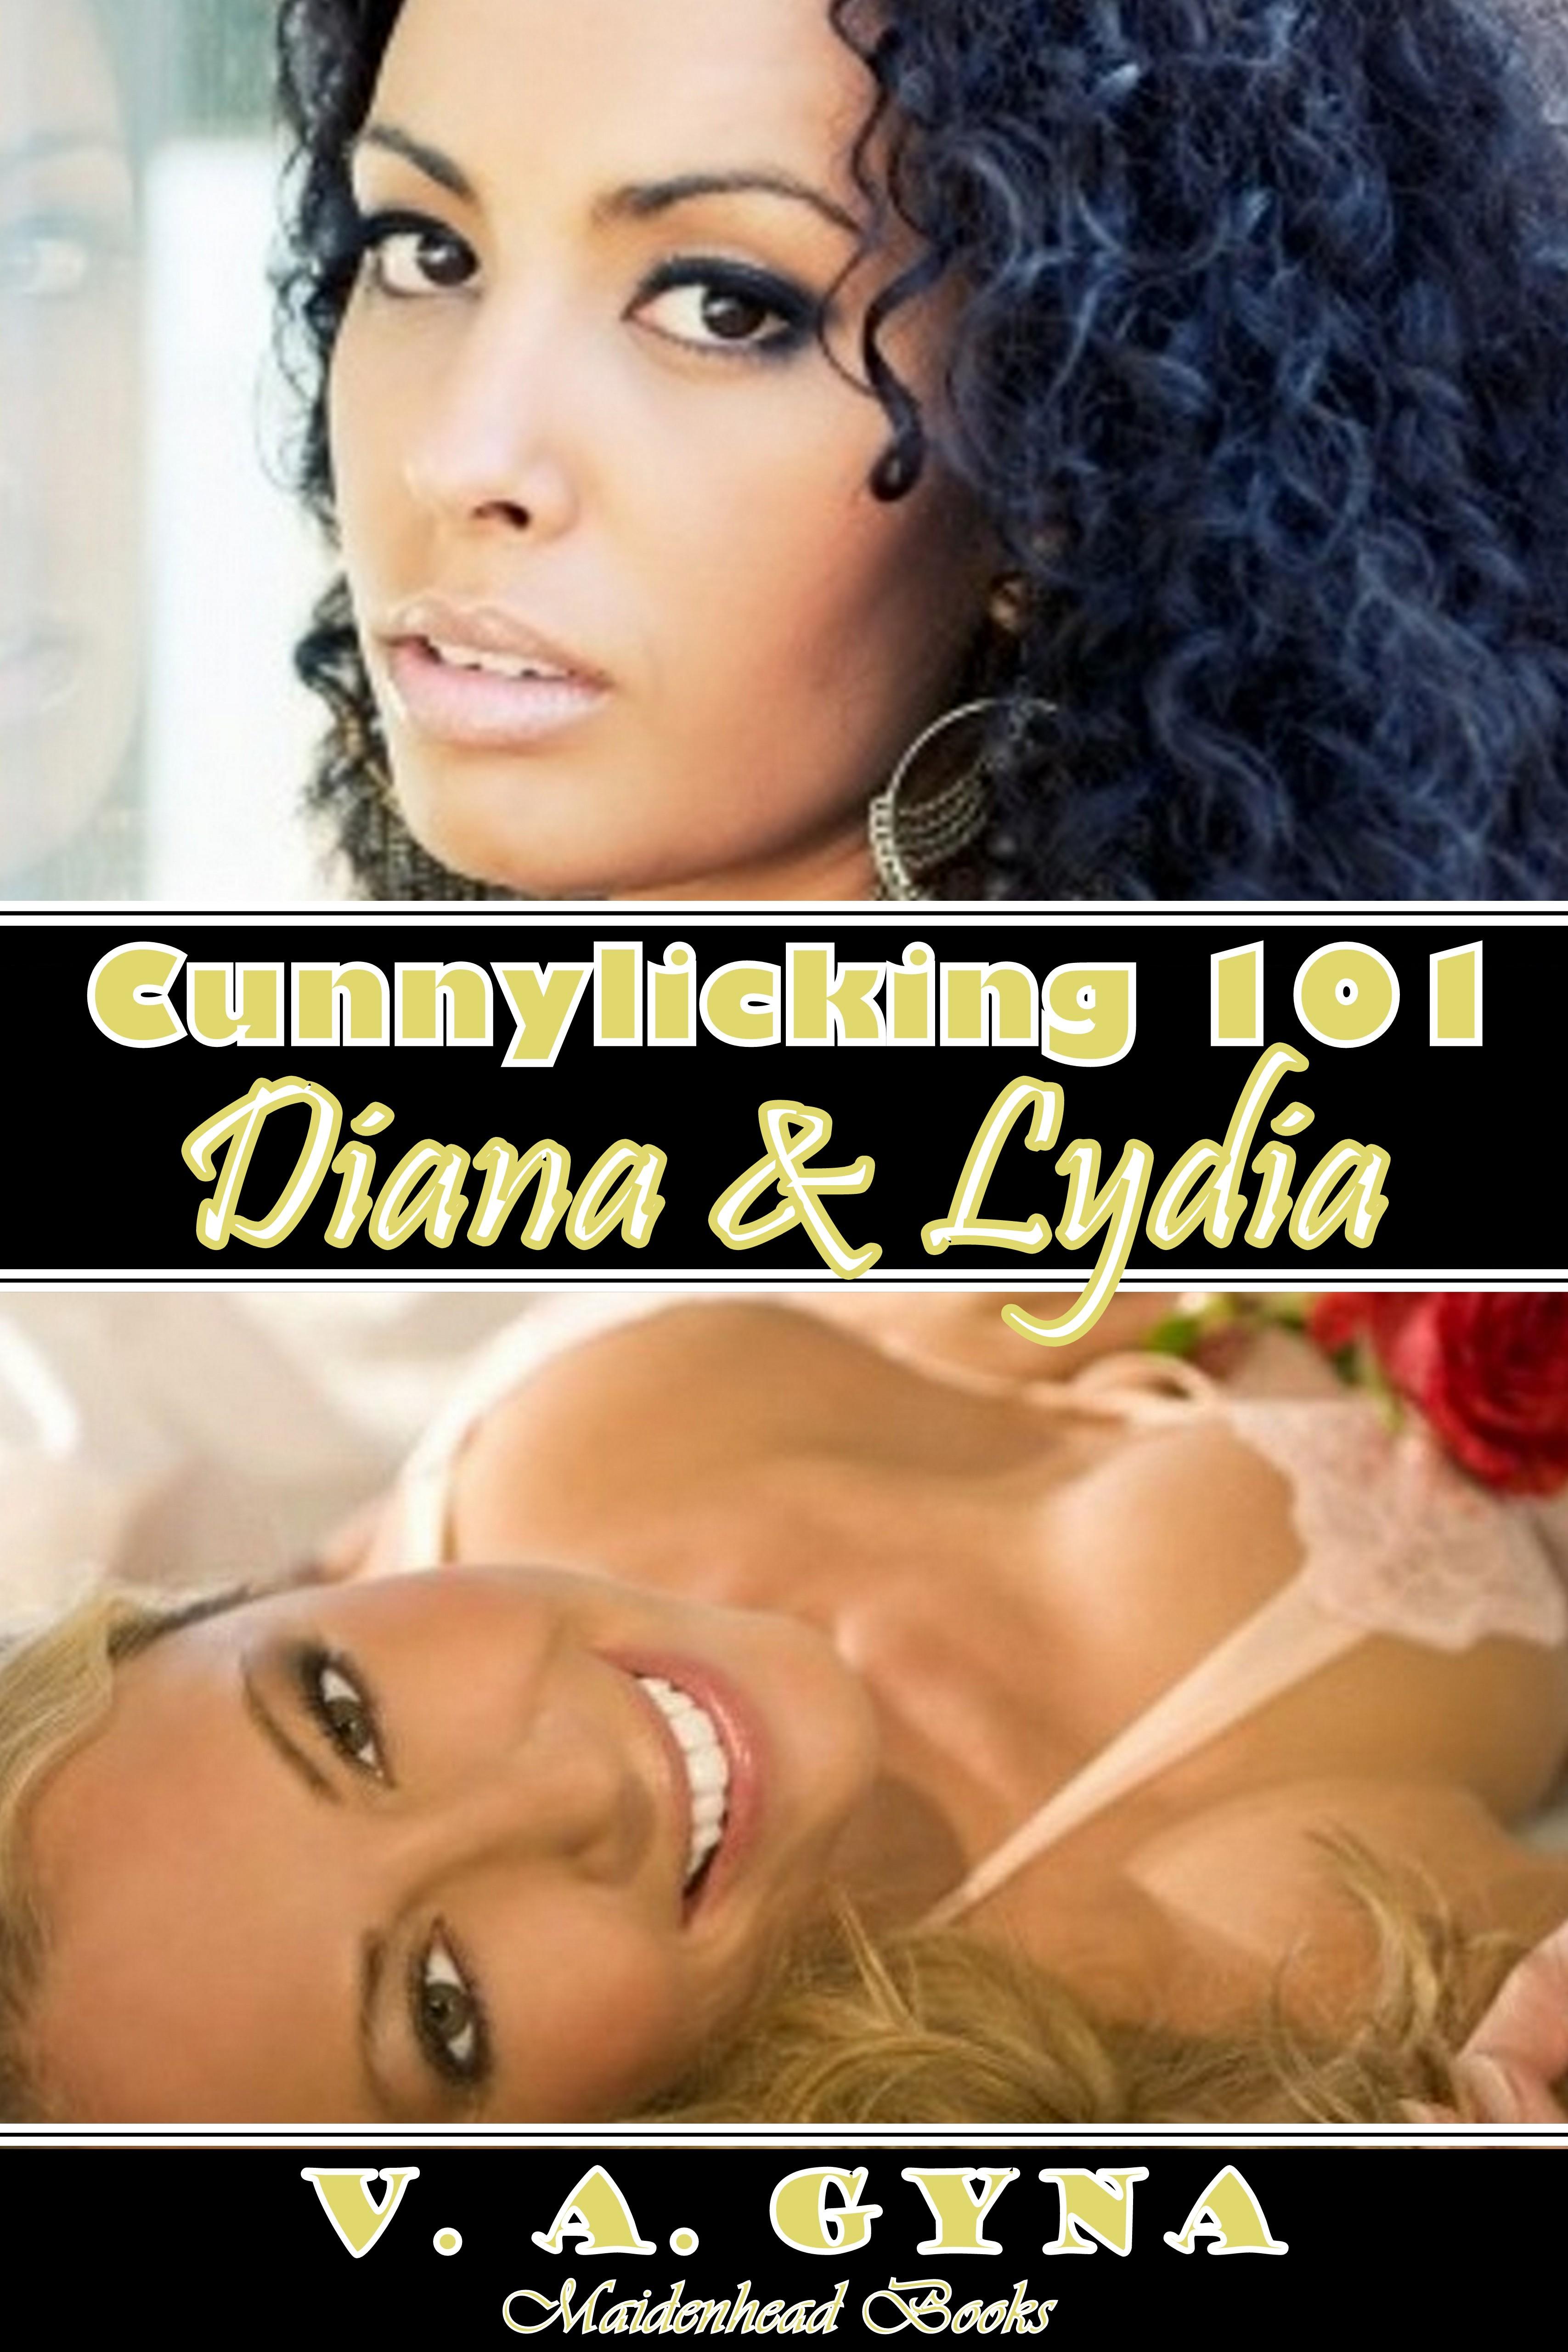 Cunnylicking 101 - lydia & diana